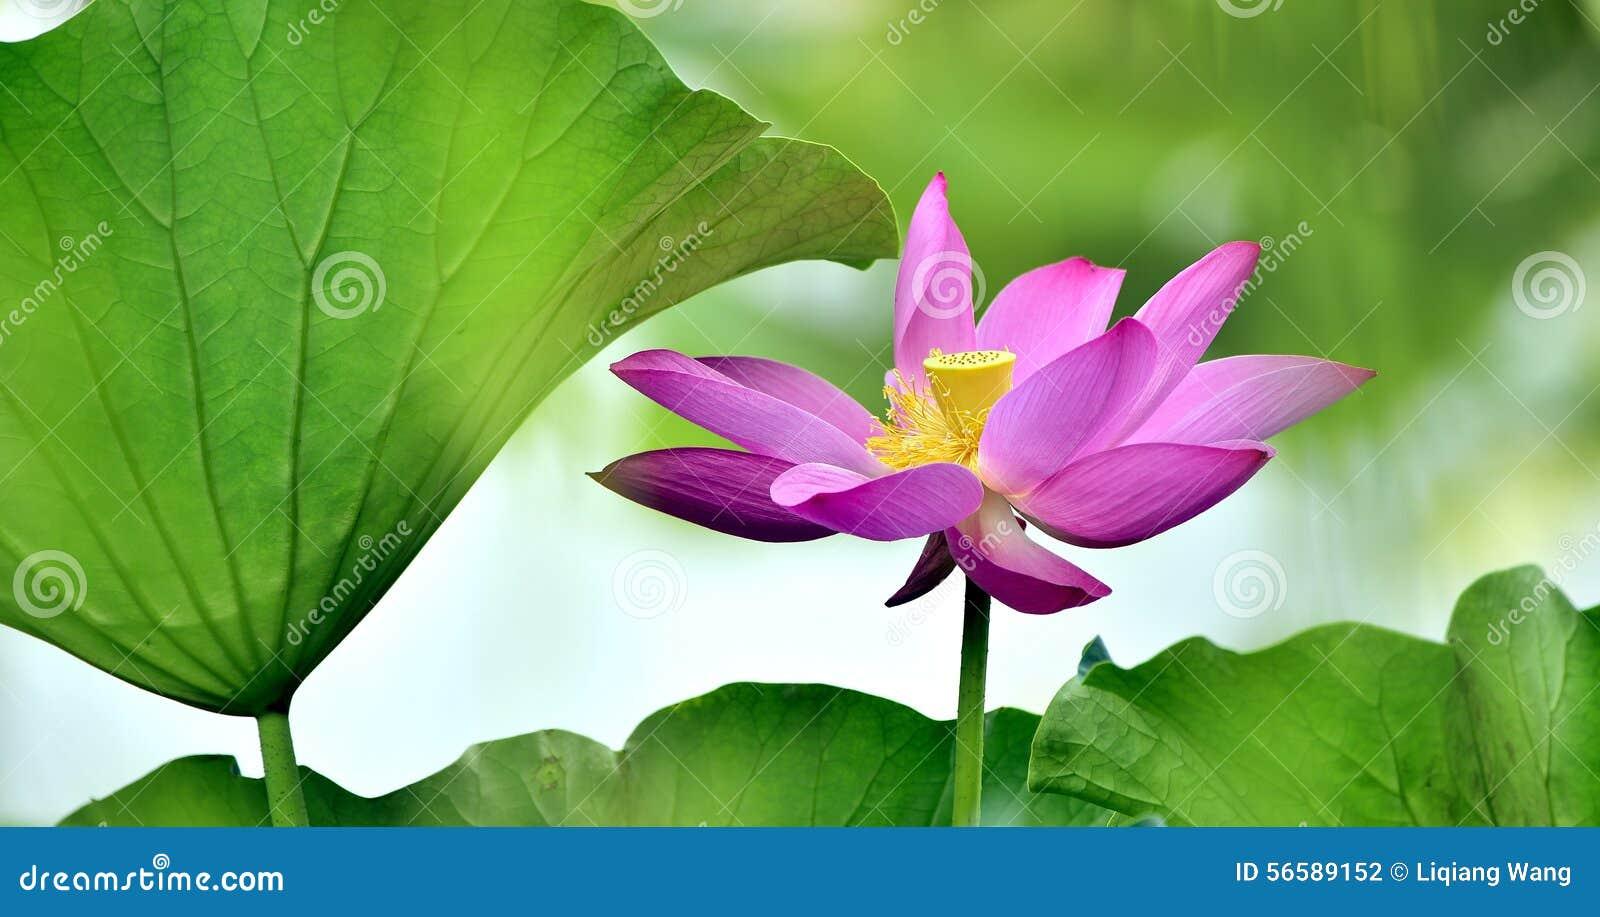 Lotus Flowers Stock Photo - Image: 56589152